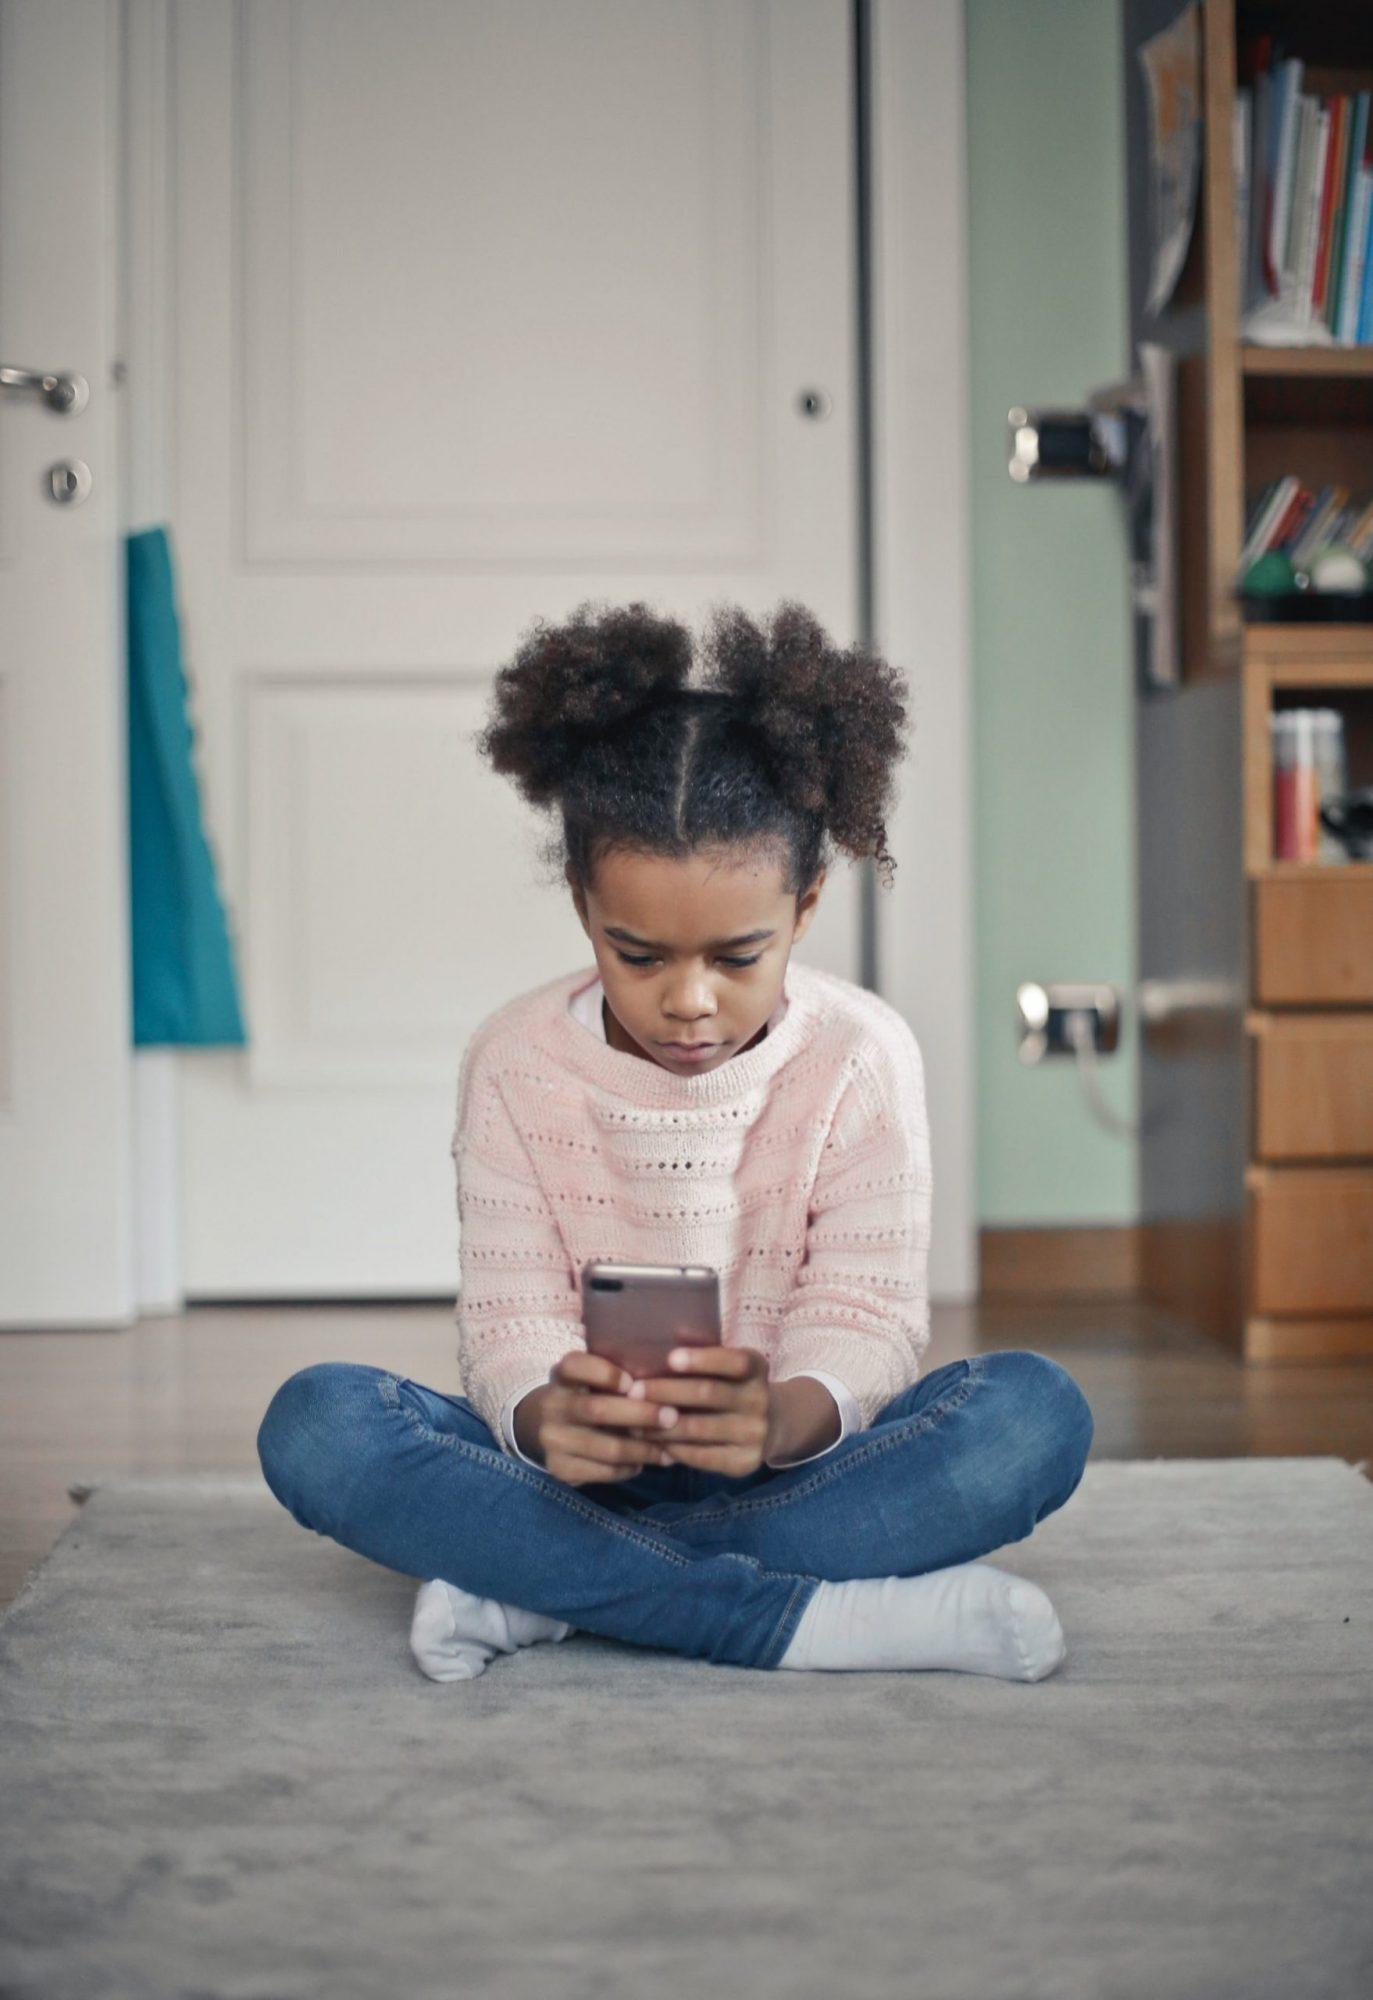 Mitä kävikään, kun lapsi sai ensimmäisen kännykkänsä?